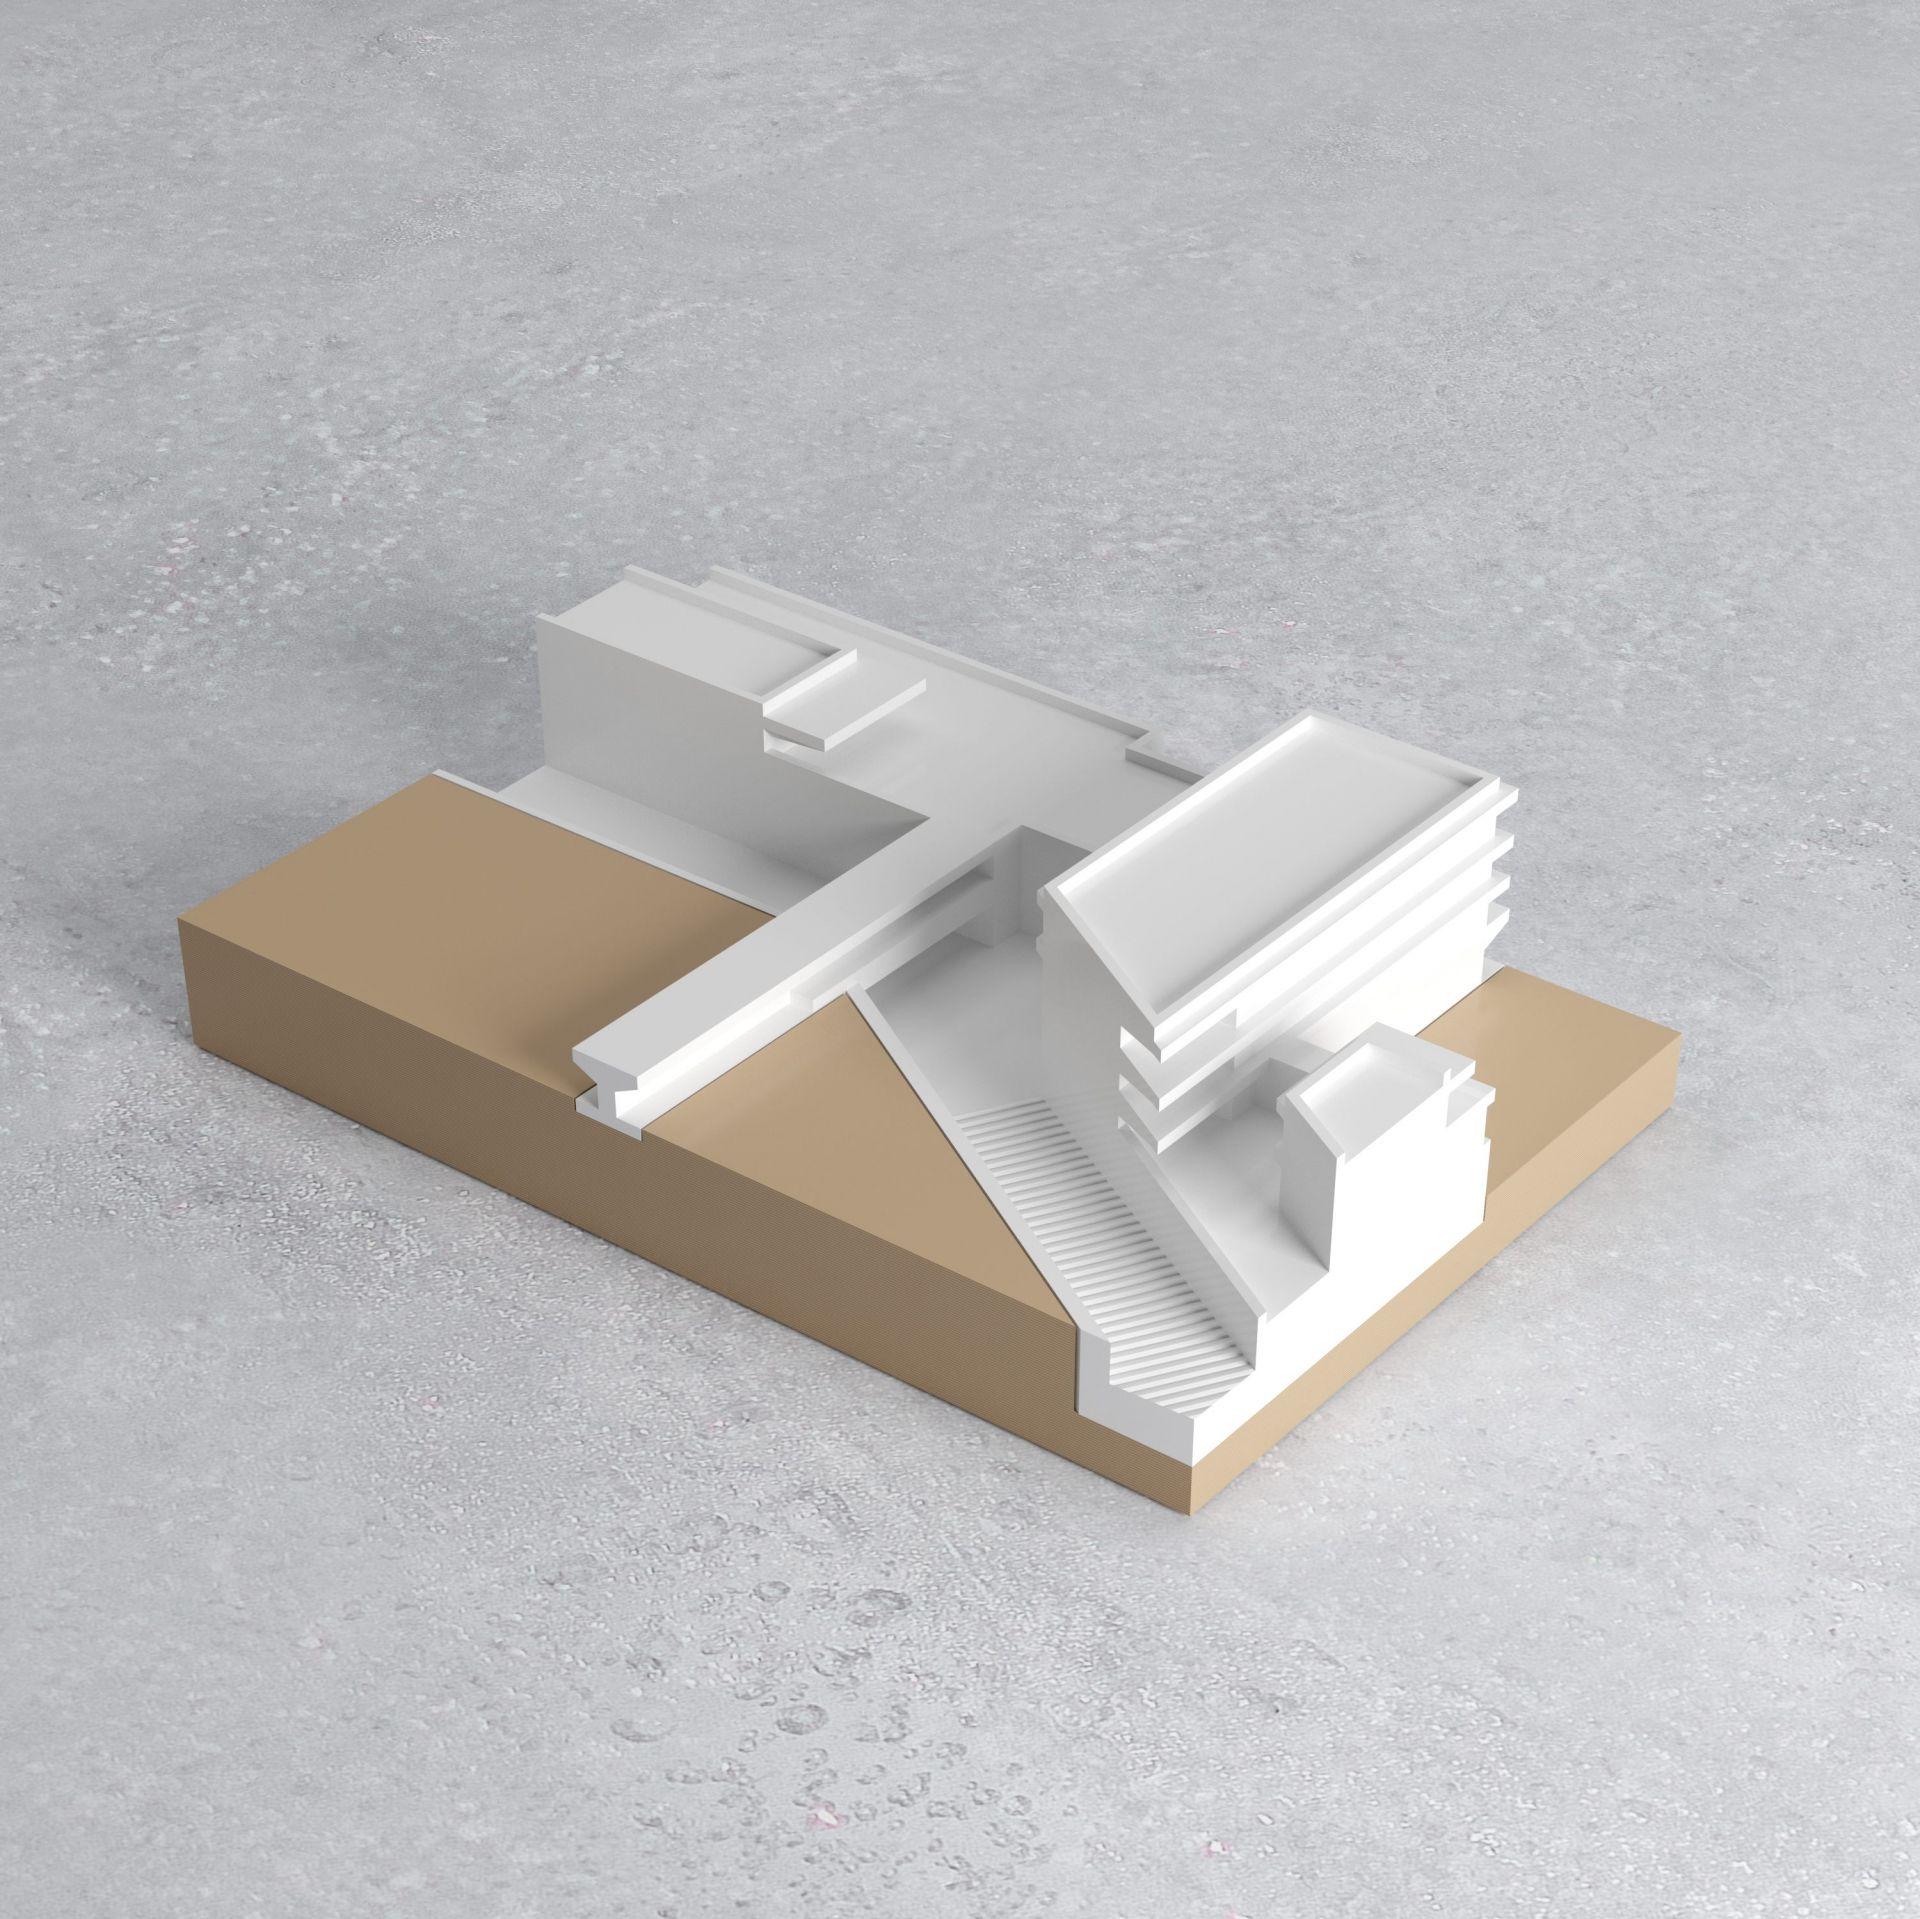 Supervue la architectures eqt cite educative simone veil Medium